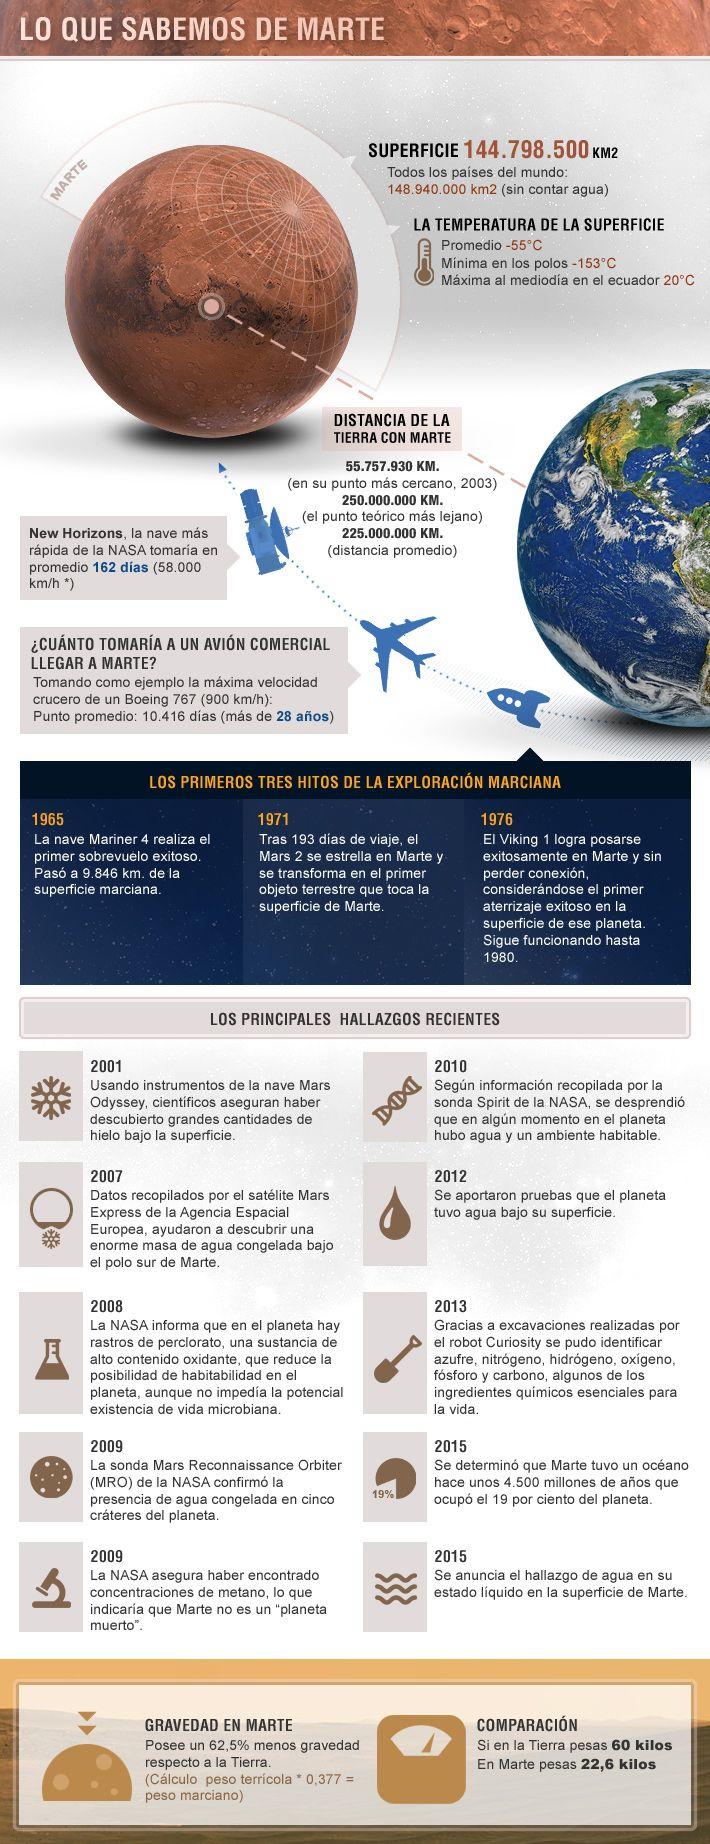 Infografía Lo Que Sabemos De Marte Y Otros Hitos De La Exploración Marciana Infografia Ciencia Natural Proyecto Planeta